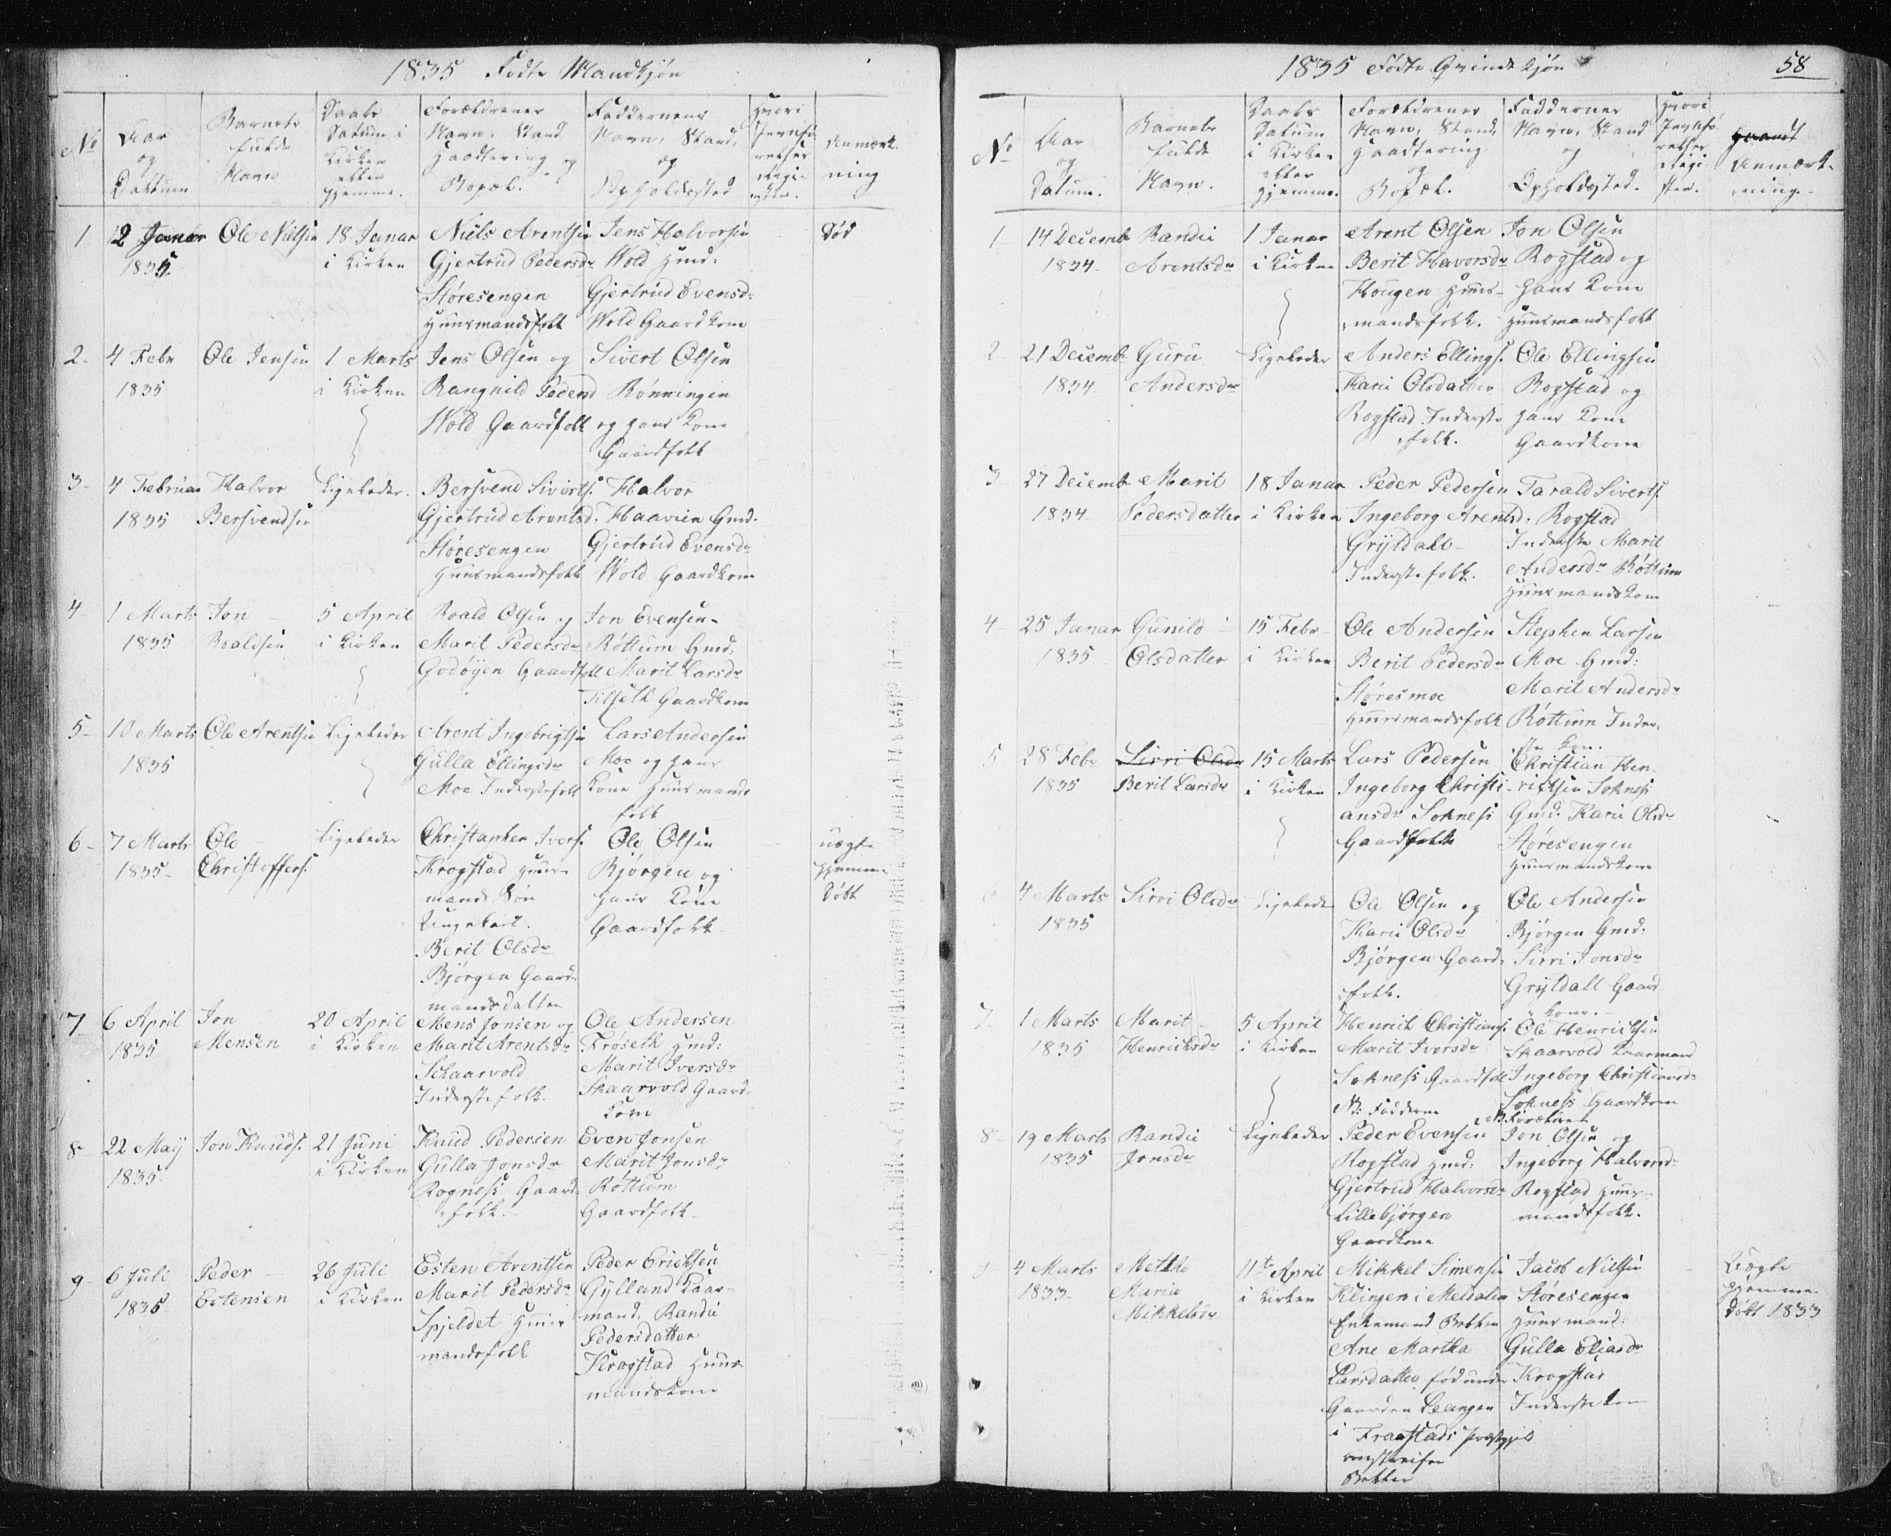 SAT, Ministerialprotokoller, klokkerbøker og fødselsregistre - Sør-Trøndelag, 687/L1017: Klokkerbok nr. 687C01, 1816-1837, s. 58